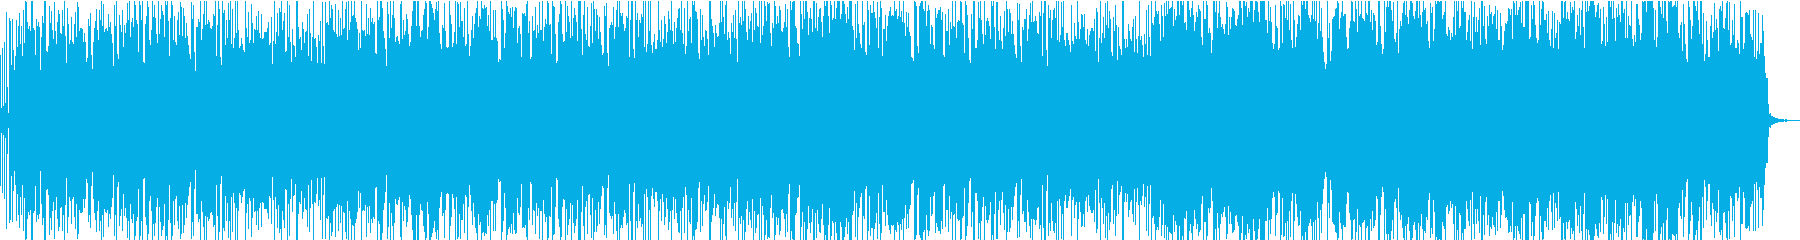 マイナーキーのメランコリックポップの再生済みの波形